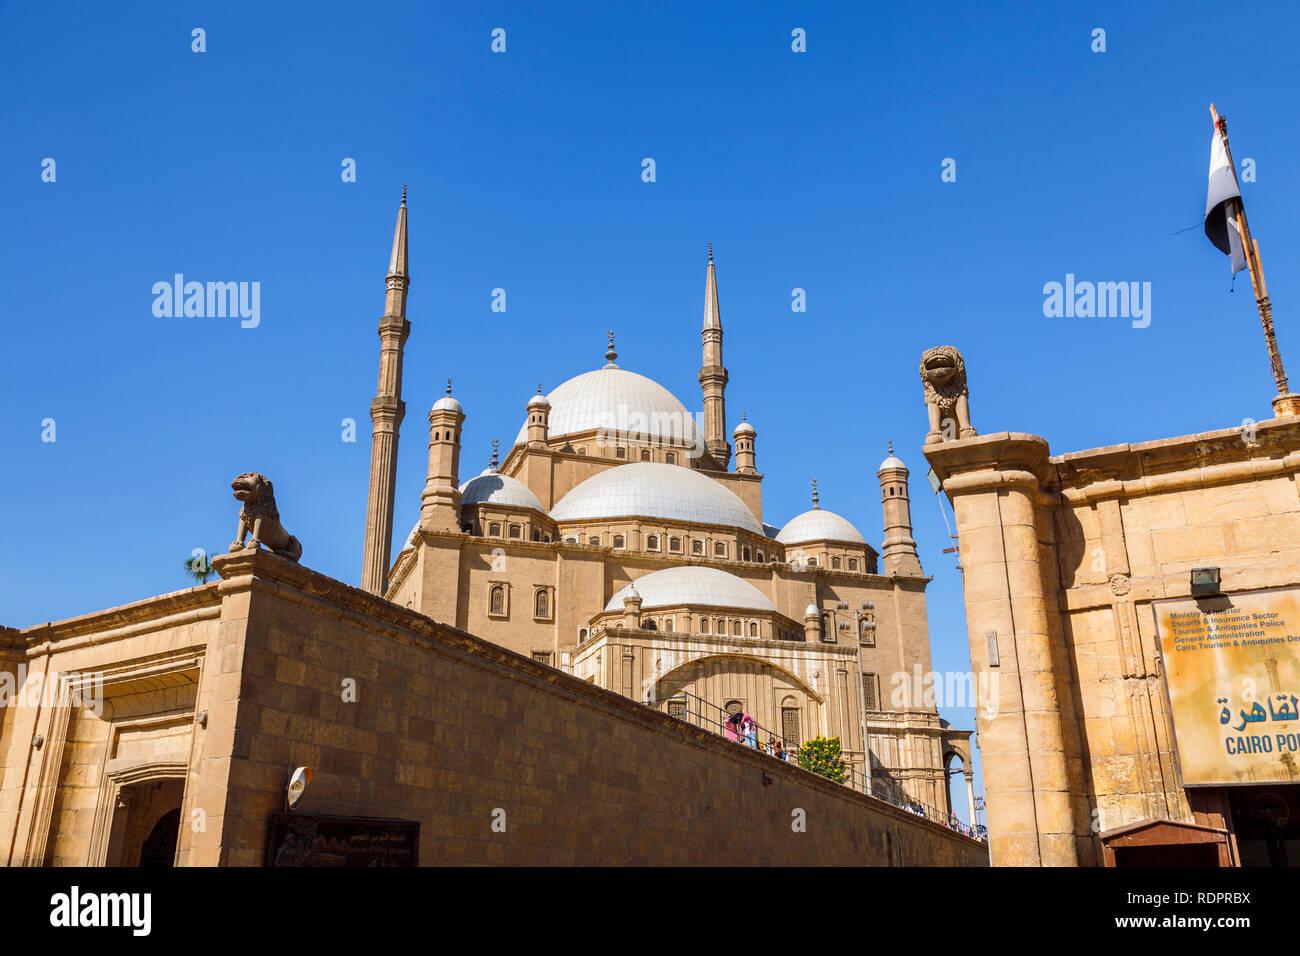 Vista de las cúpulas y minaretes de la Mezquita de Muhammad Ali Pasha en la Ciudadela de Saladino, una fortificación medieval islámico en El Cairo, Egipto Foto de stock